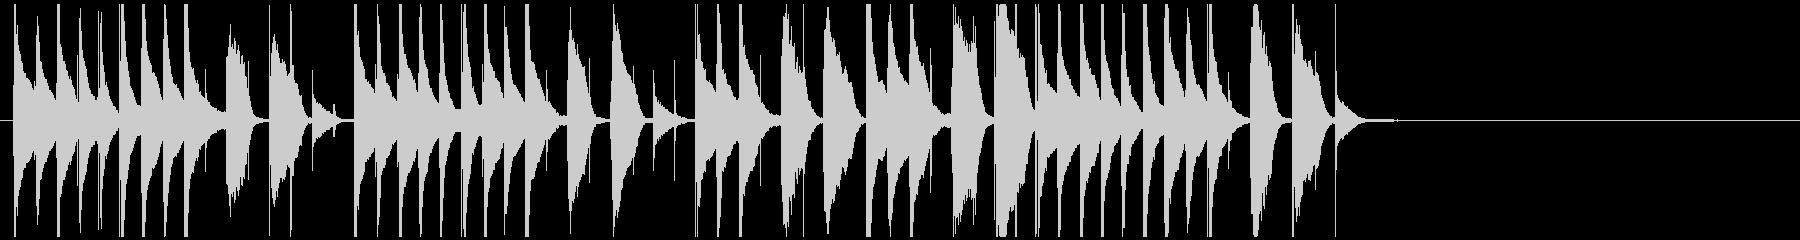 ほのぼのかわいいジングル 日常系コミカルの未再生の波形